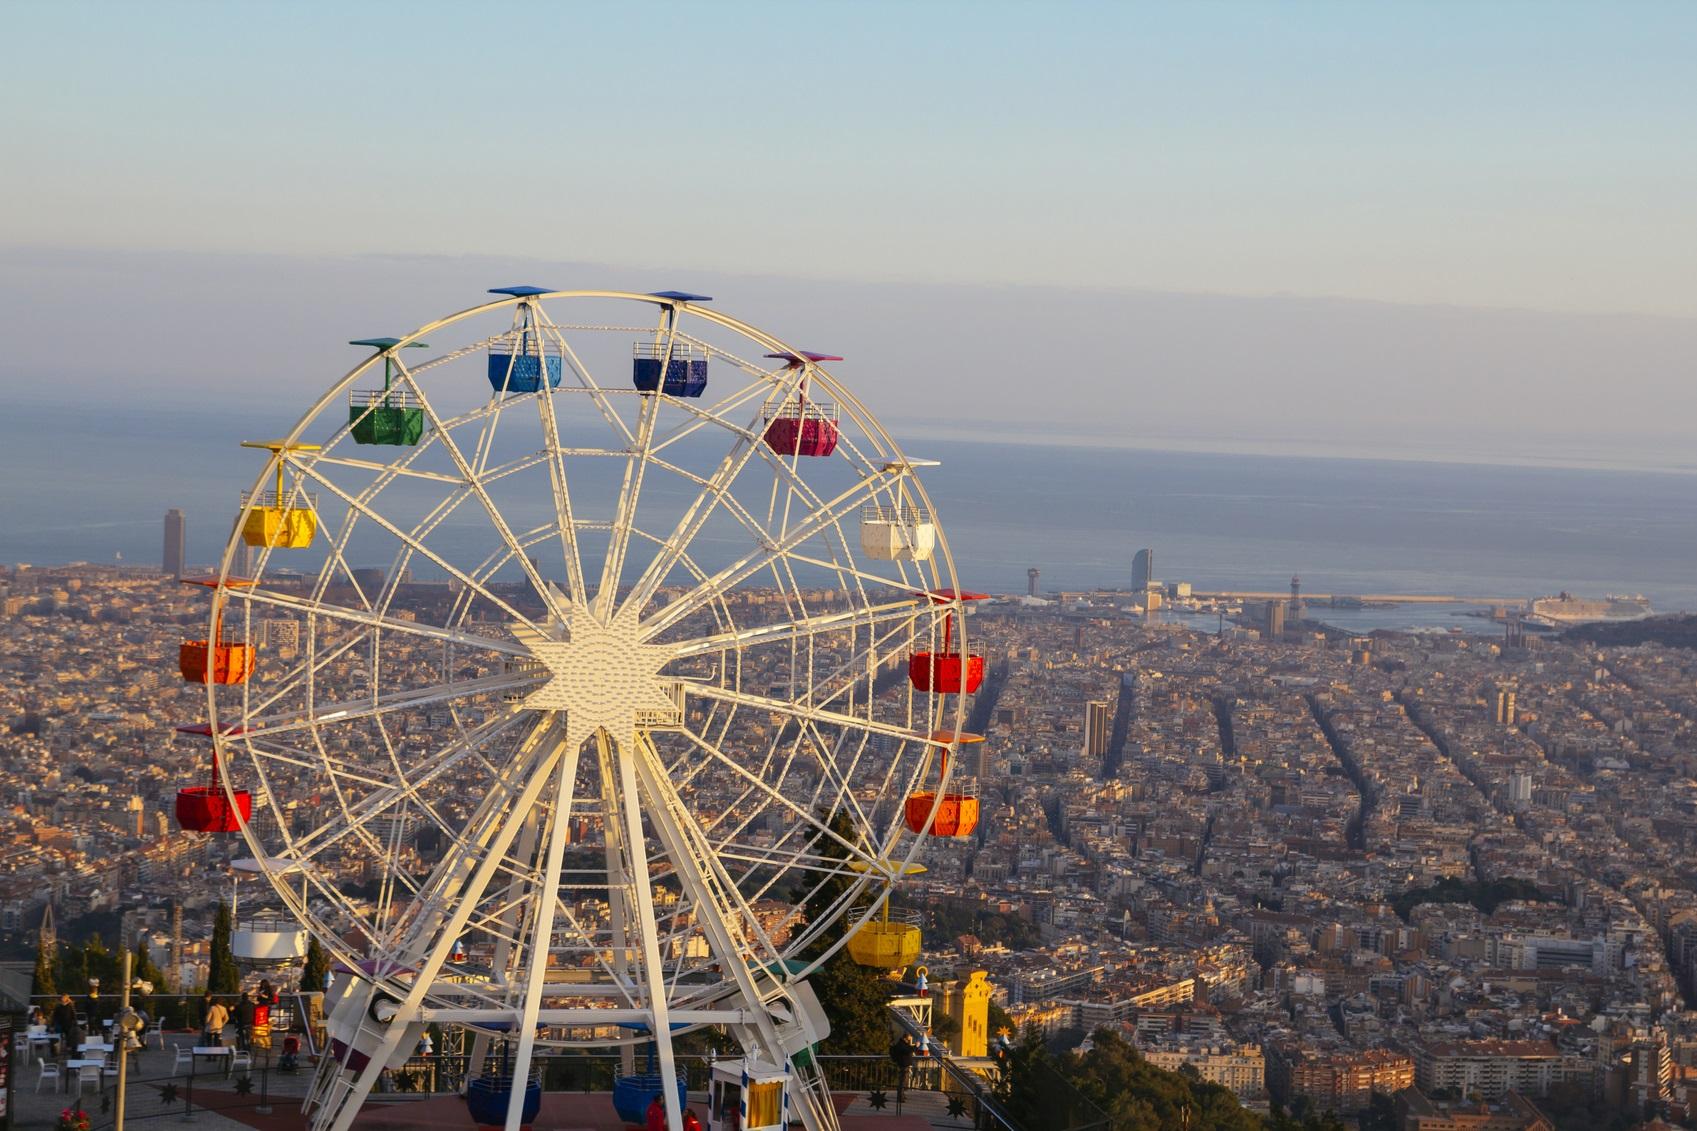 Forlystelsesparken Tibidabo i Barcelona. Kun overgået af Storbritannien, Frankrig og Tyskland – der alle hver især har mange flere indbyggere end der er i Norden – er Norden fjerdestørste udenlandske marked for ankomster af turister, ferie- som forretningsrejsende – til Spanien. Pressefoto: Det danske kontor for Den Spanske Stats Turistbureau.